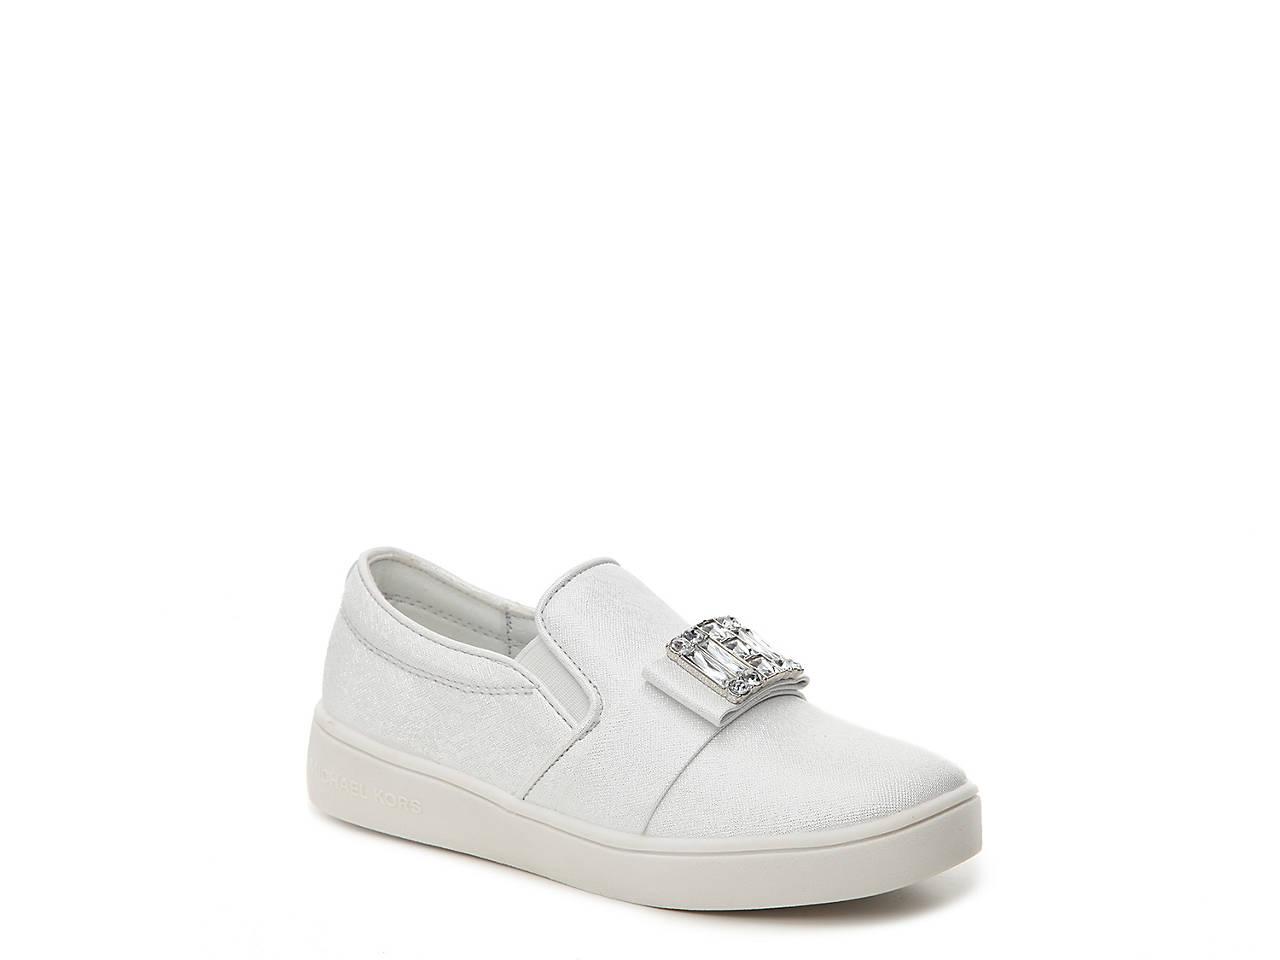 Ivy Cara Toddler \u0026 Youth Slip-On Sneaker